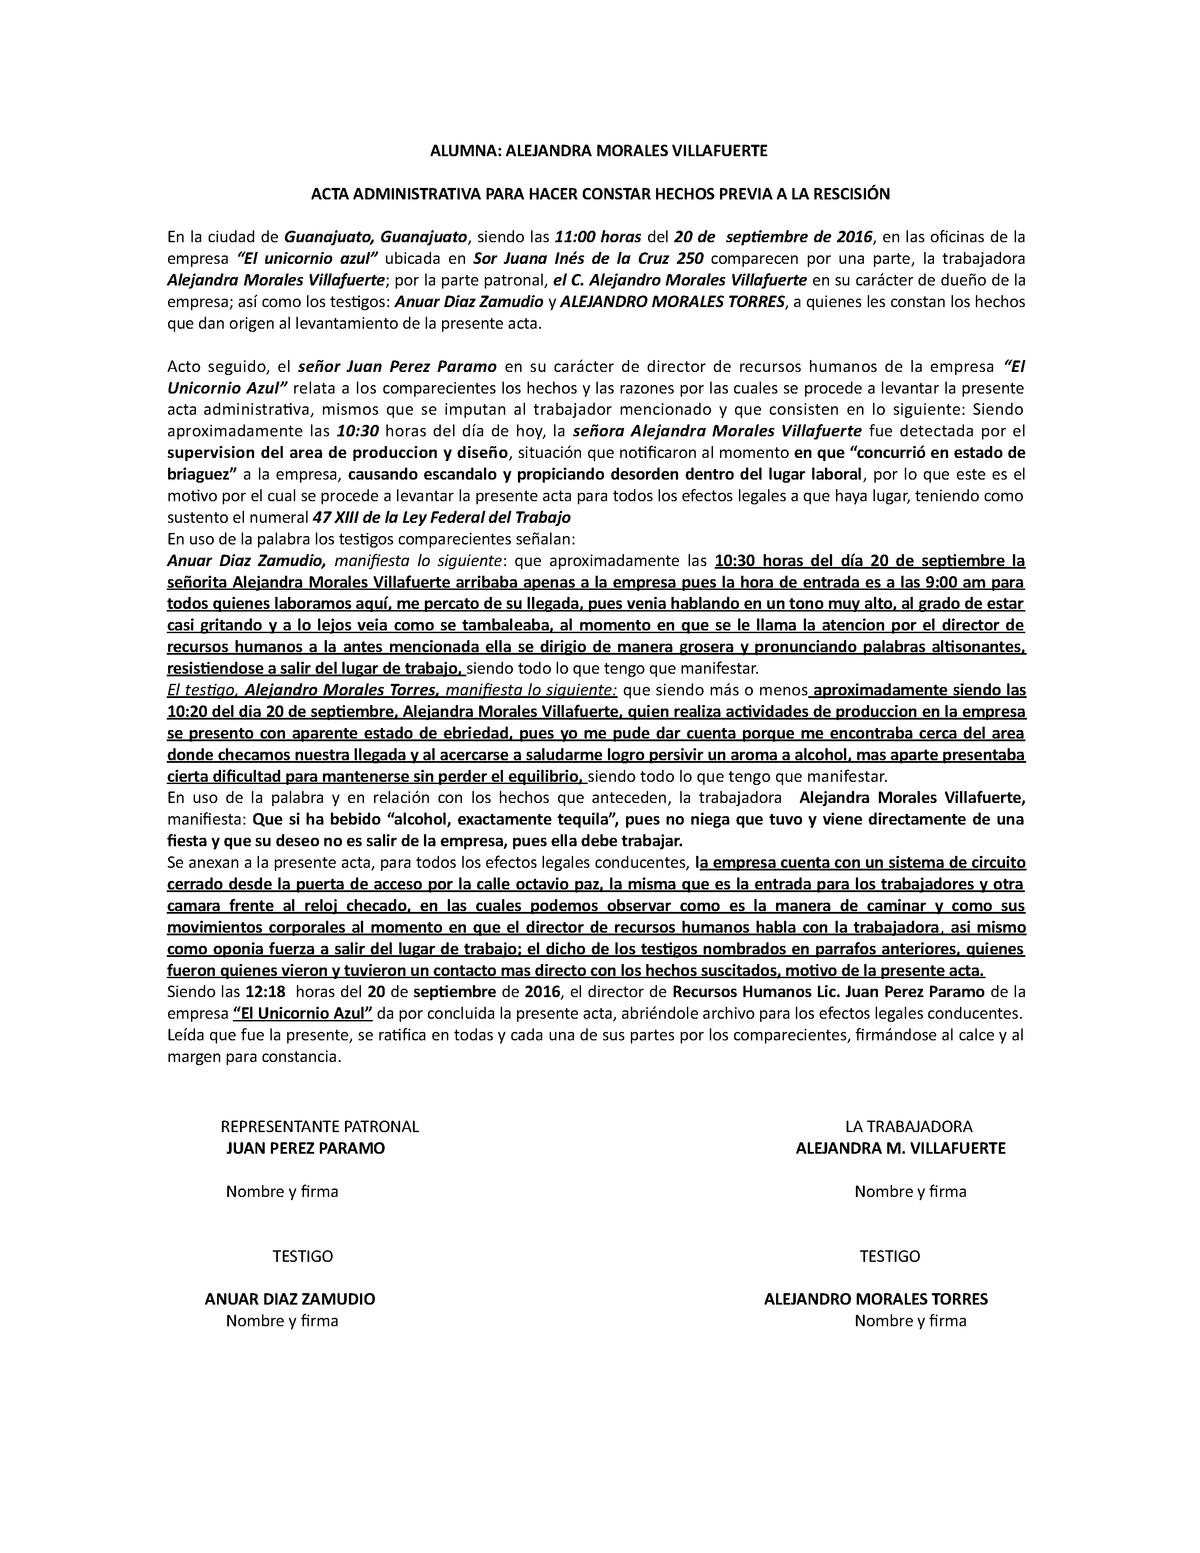 Acta Administrativa En Materia Laboral Jr151296 Ug Studocu